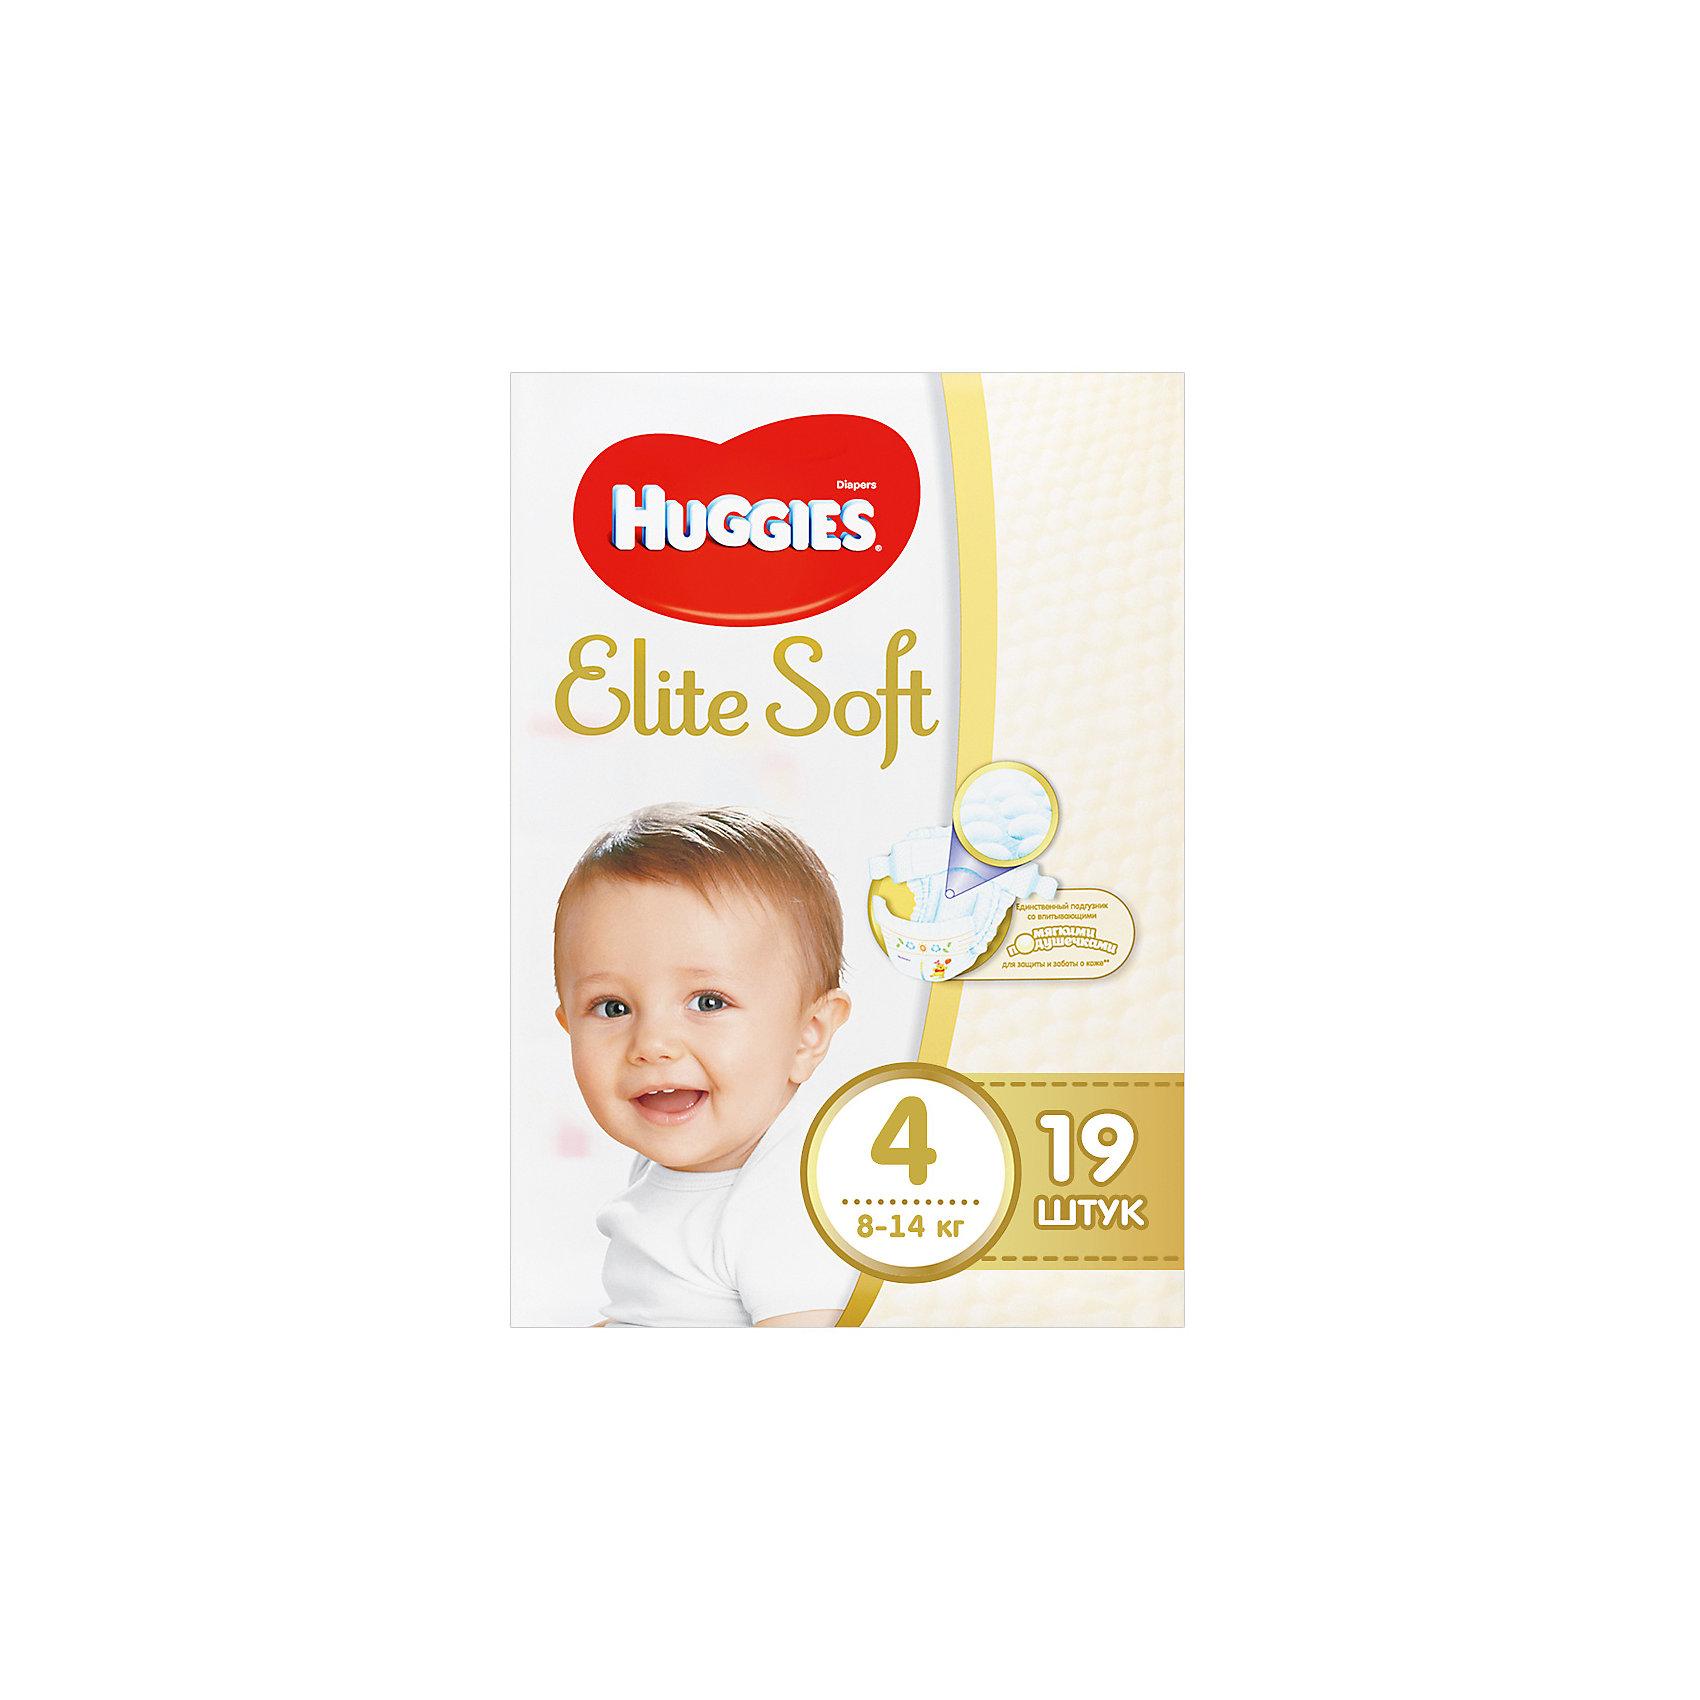 Подгузники Huggies Elite Soft 4, 8-14 кг, 19 шт.Подгузники<br>Новаторская разработка Huggies –  это супер-мягкий слой подгузников Текстор с  подушечками, который обеспечивают невероятную мягкость и создают специальную нежную преграду между кожей ребенка и жидким стулом. <br><br>Свойства:<br>- Мягкий суперэластичный пояс для лучшего прилегания.<br>- Застежки легко застегиваются и расстегиваются в любом месте подгузника.<br>- Содержит натуральный 100%-ный хлопок.<br>- Пористые материалы позволяют коже дышать.<br>-  Внутренний кармашек помогает предотвратить протекание.<br>- Новый супер мягкий слой SoftAbsorb впитывает жидкий стул и влагу за секунды, помогая сохранить кожу сухой.<br>- Новые мягкие подушечки создают нежную преграду  между кожей малыша и жидким стулом.<br>- Индикатор влаги меняет цвет, когда подгузник намокает.<br><br>Дополнительная информация:<br><br>- Возраст: с 6 месяцев.<br>- Вес ребенка: от 8 до 14 кг.<br>- Кол-во в упаковке: 19 шт.<br>- Вес в упаковке: 676 г.<br><br>Купить подгузники  Elite Soft 4 от Huggies можно в нашем магазине.<br><br>Ширина мм: 220<br>Глубина мм: 130<br>Высота мм: 110<br>Вес г: 676<br>Возраст от месяцев: 6<br>Возраст до месяцев: 24<br>Пол: Унисекс<br>Возраст: Детский<br>SKU: 4861840